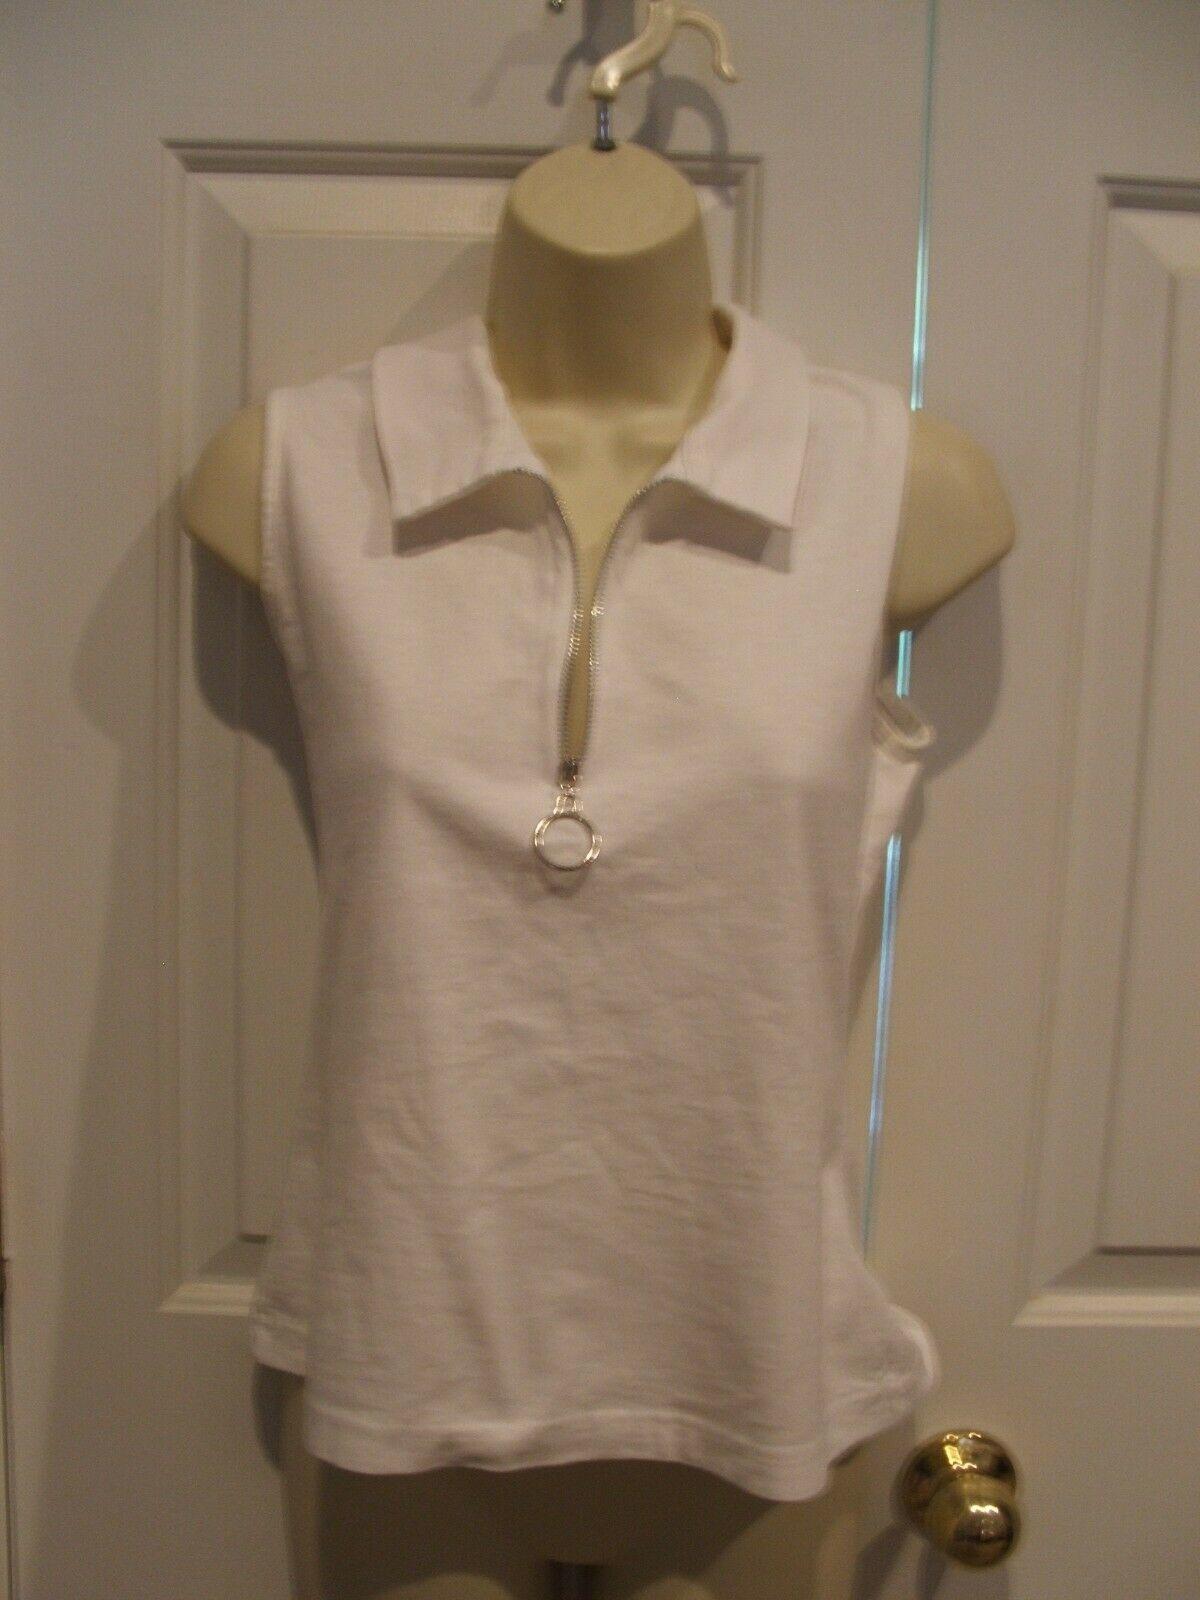 NEWPORT NEWS ZIPPER FRONT 100% cotton sleeveless shirt blouse top medium - $1.98